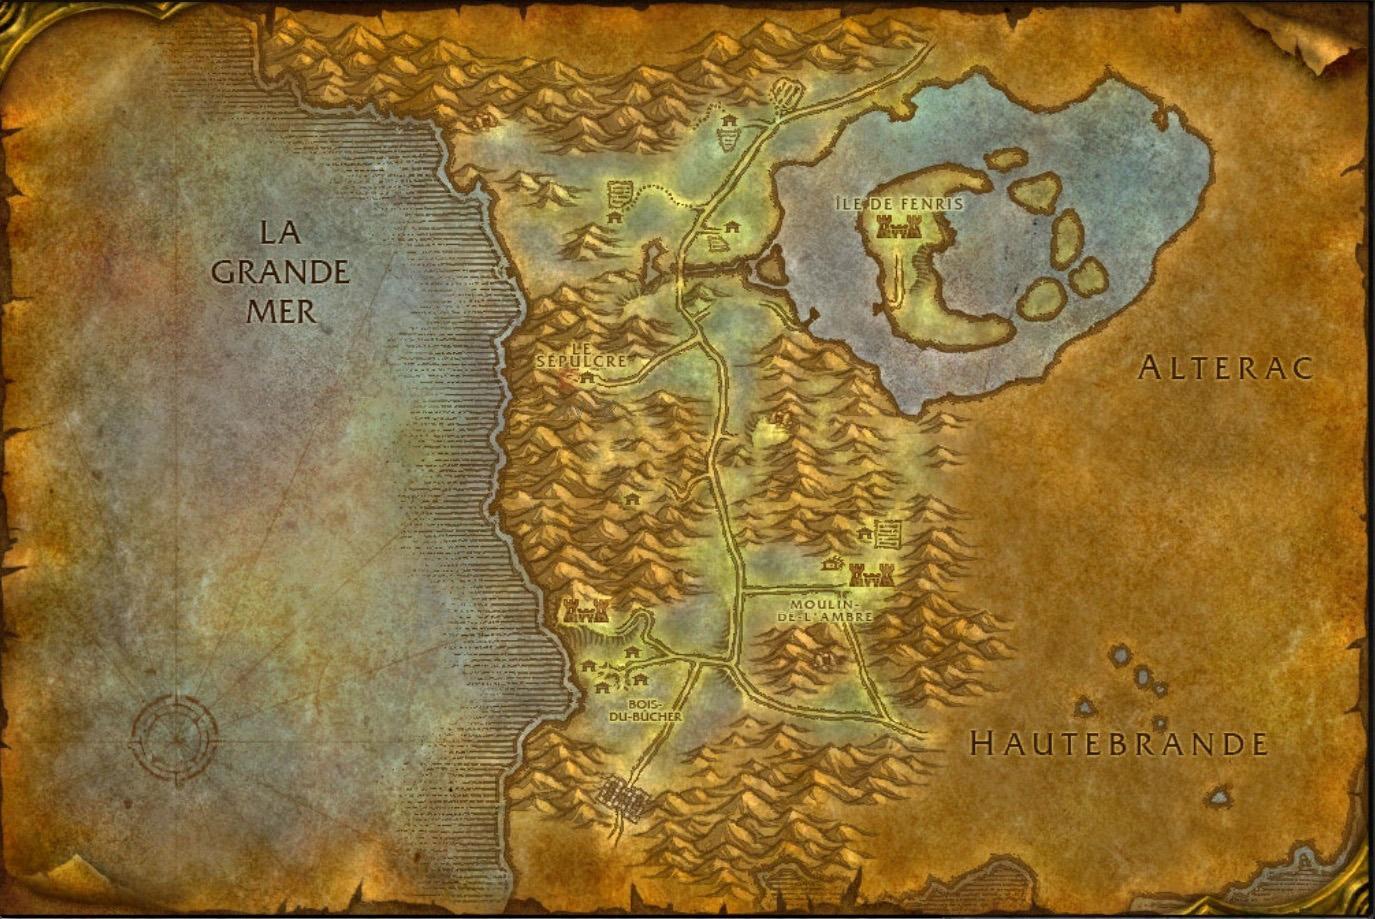 Les îles de l'Aube